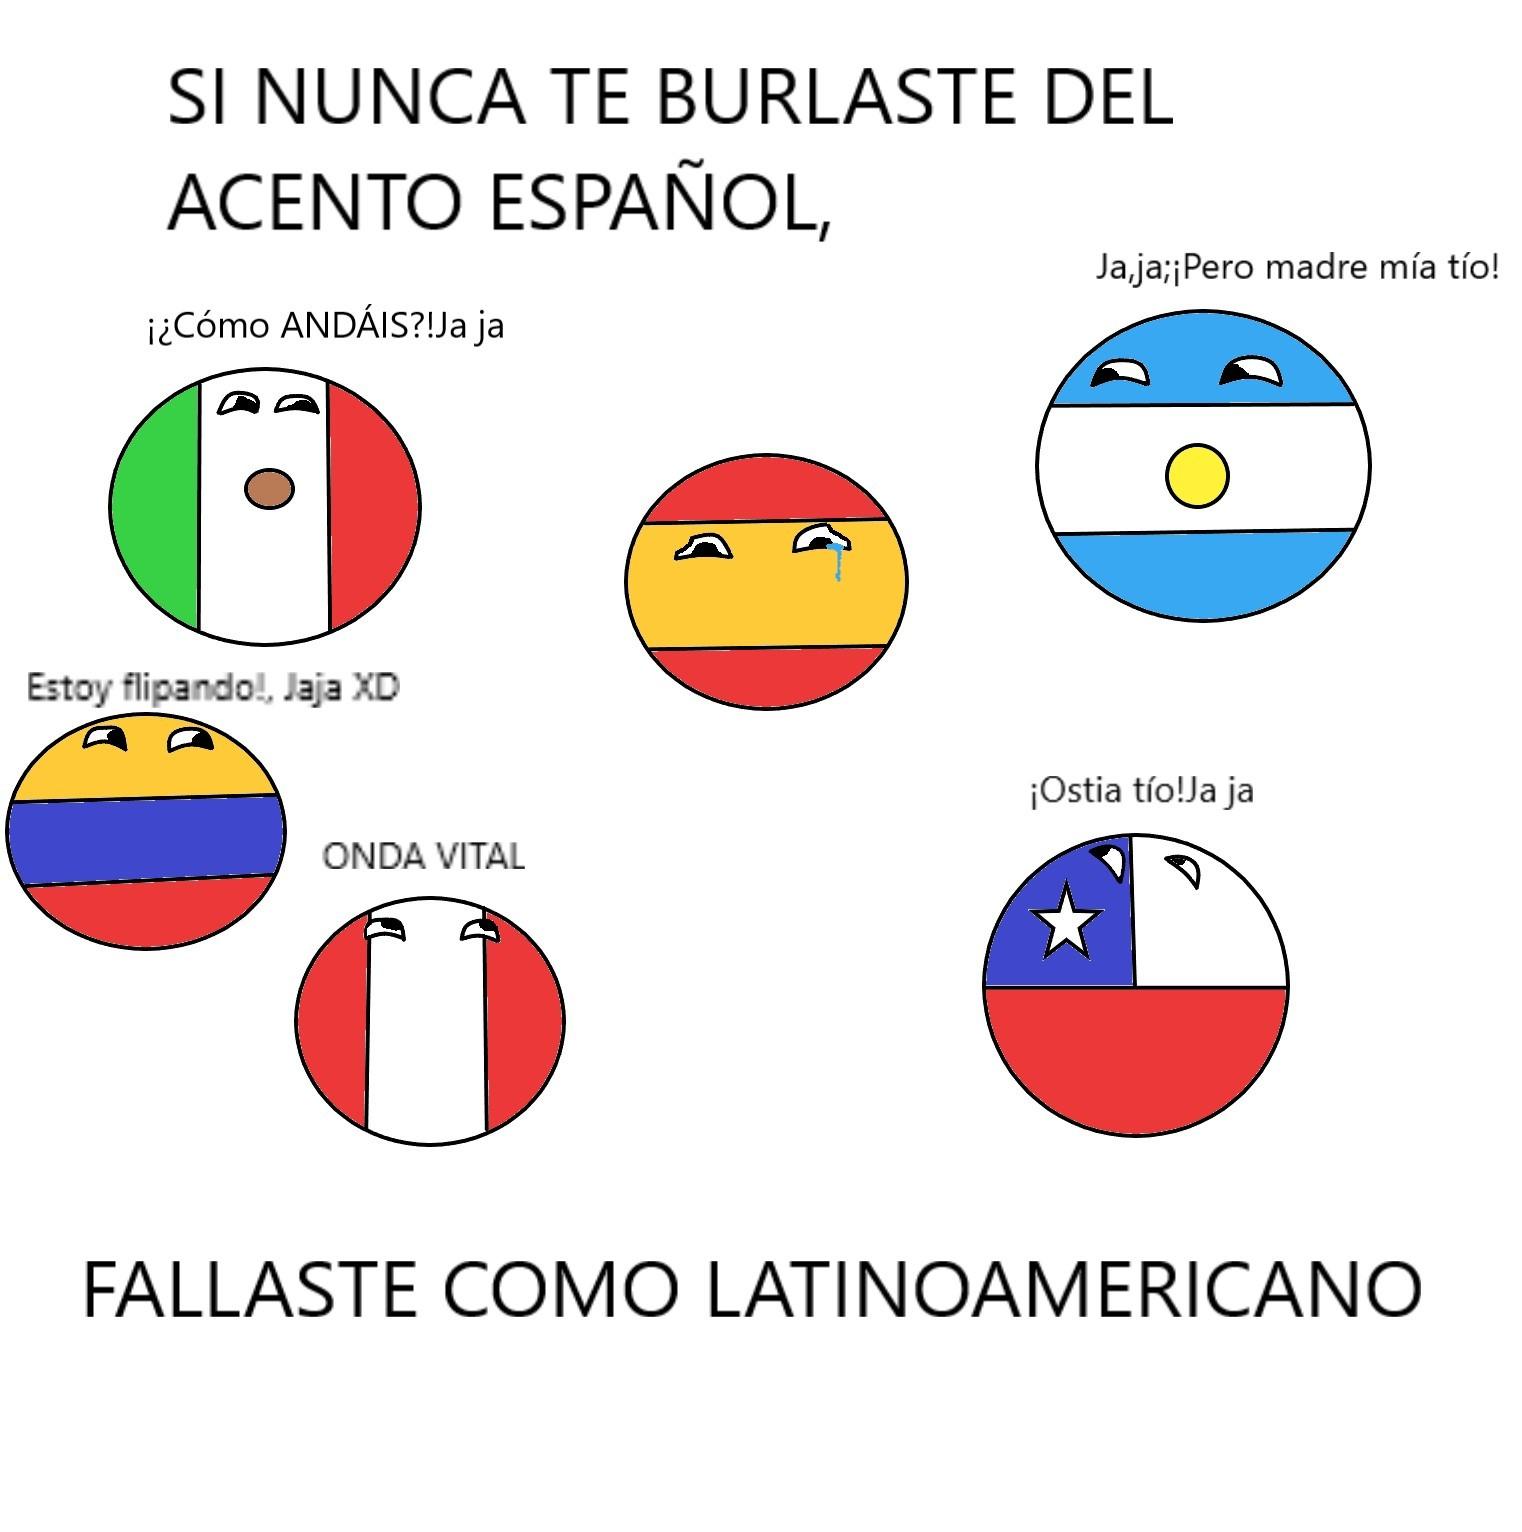 Todos se burlan de los españoles - meme